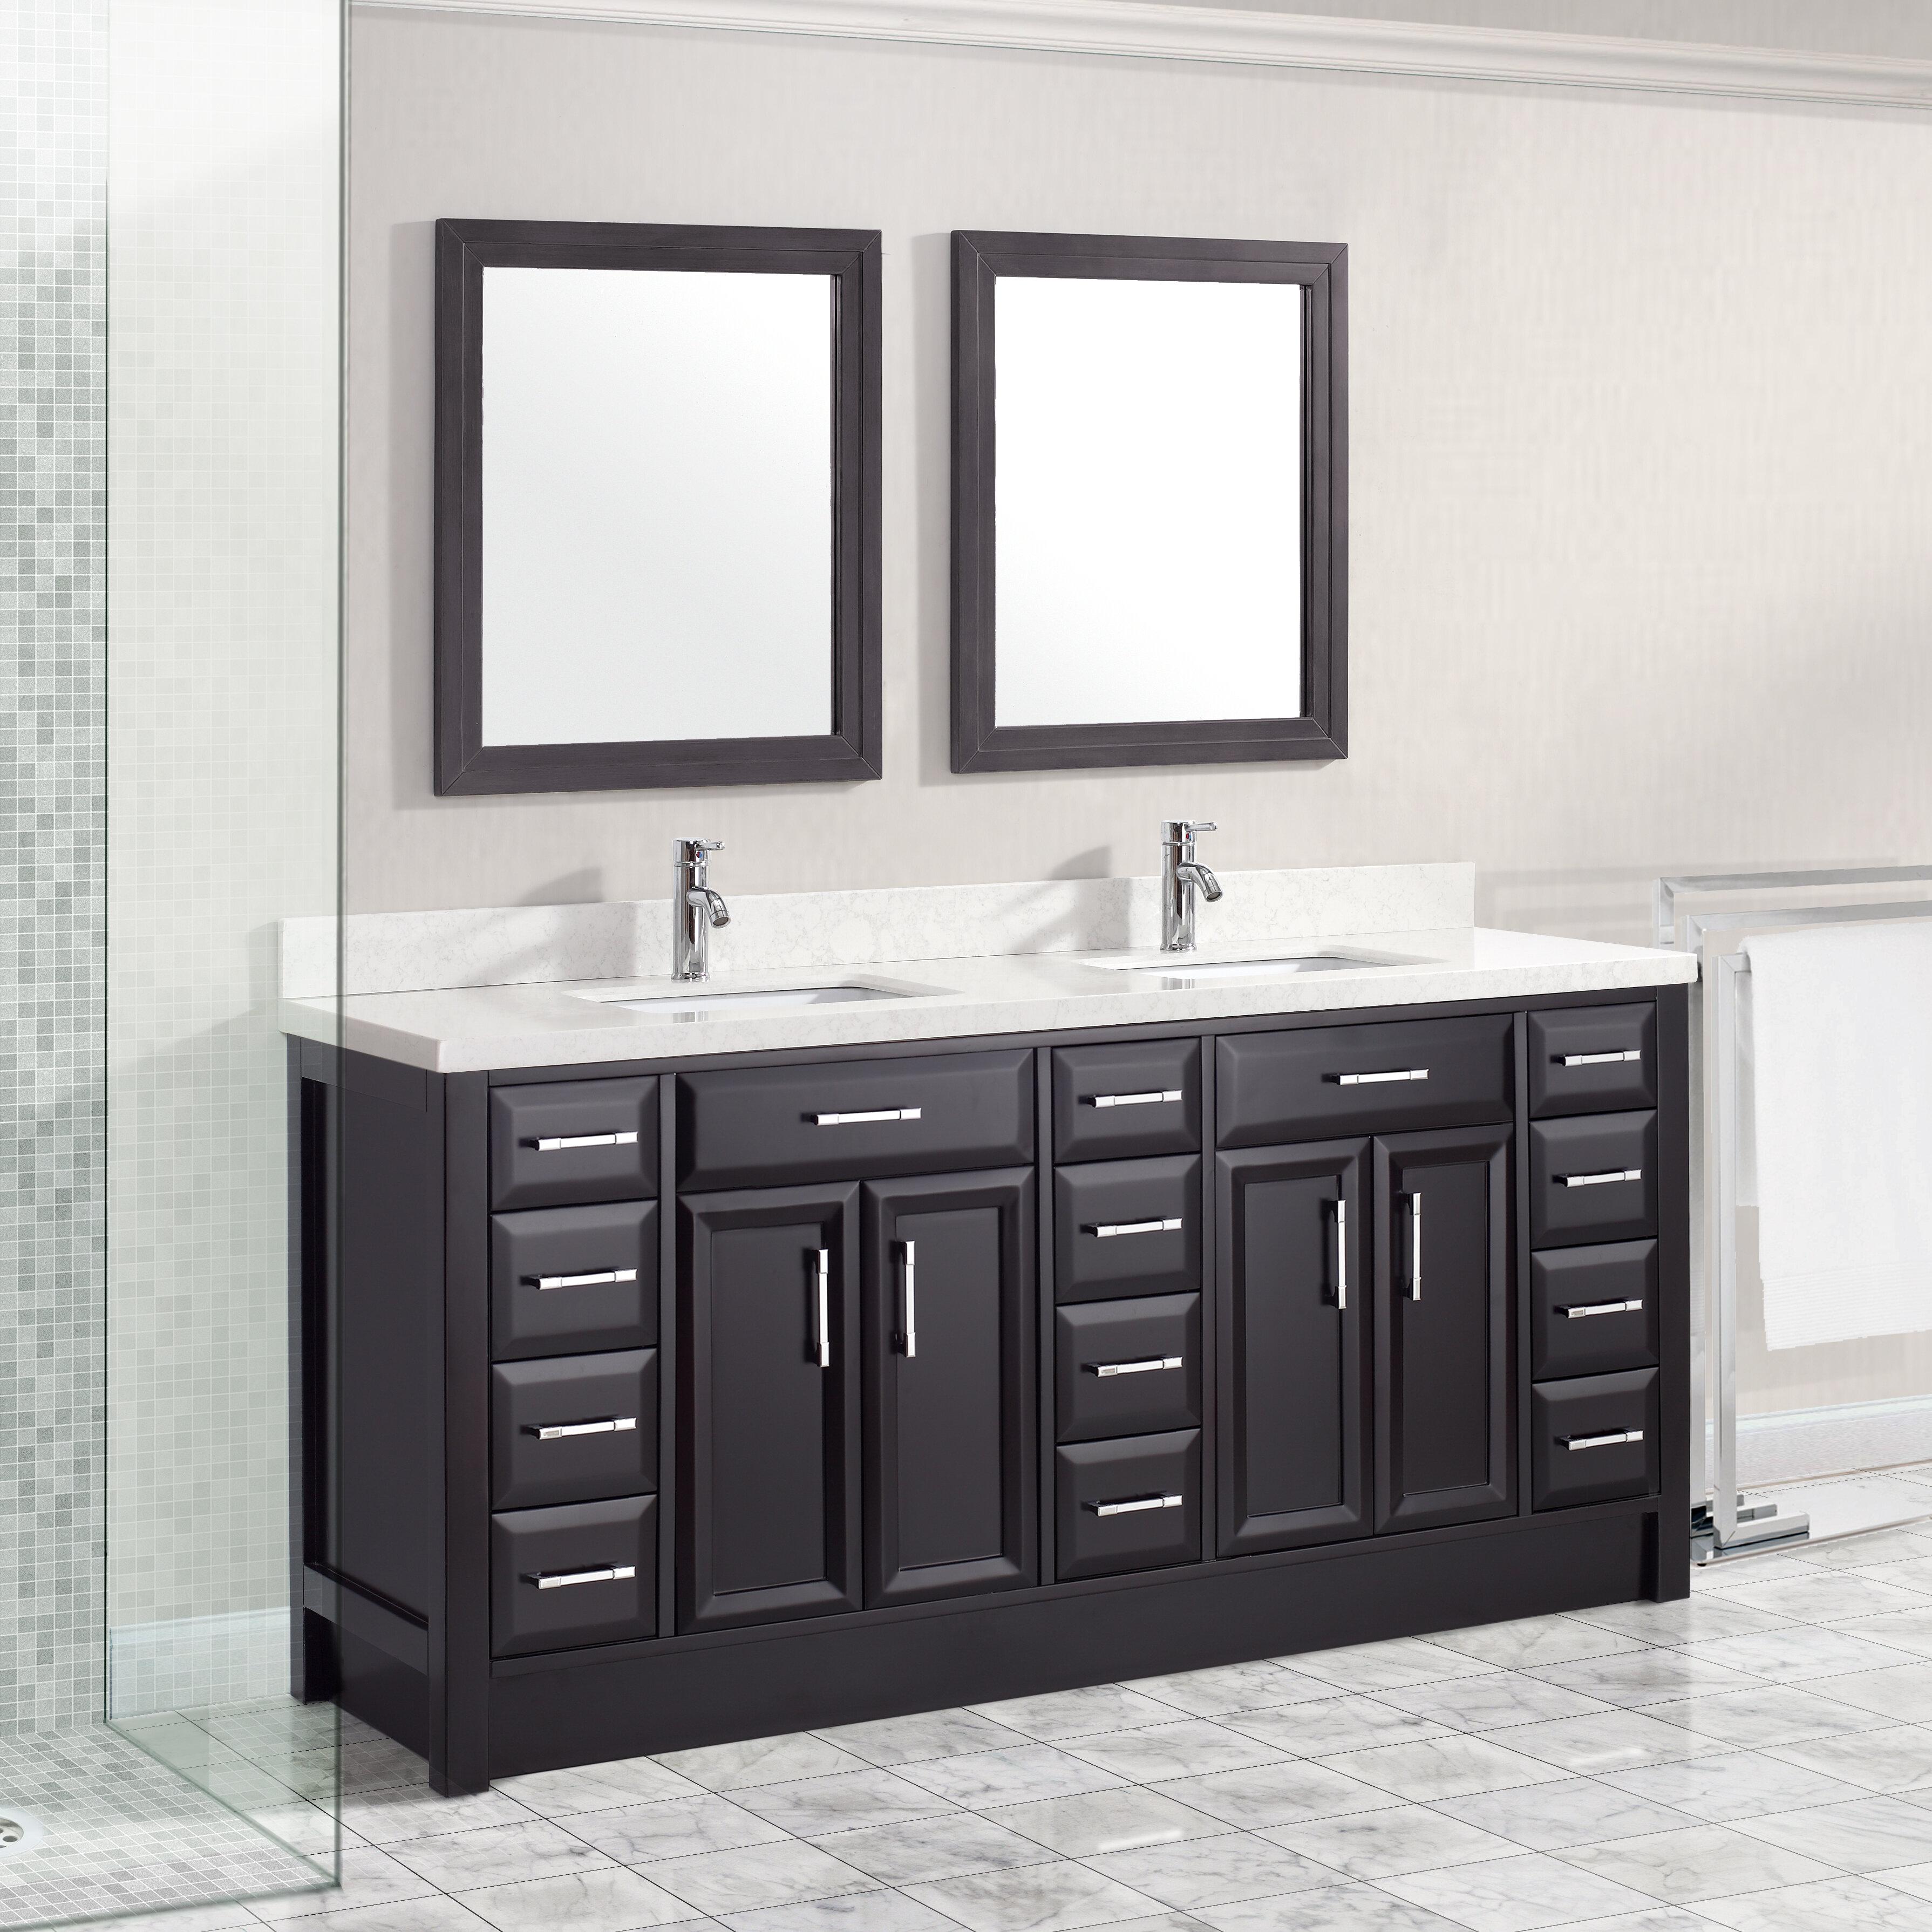 Brayden Studio Waverly 75 Double Bathroom Vanity Set Wayfair